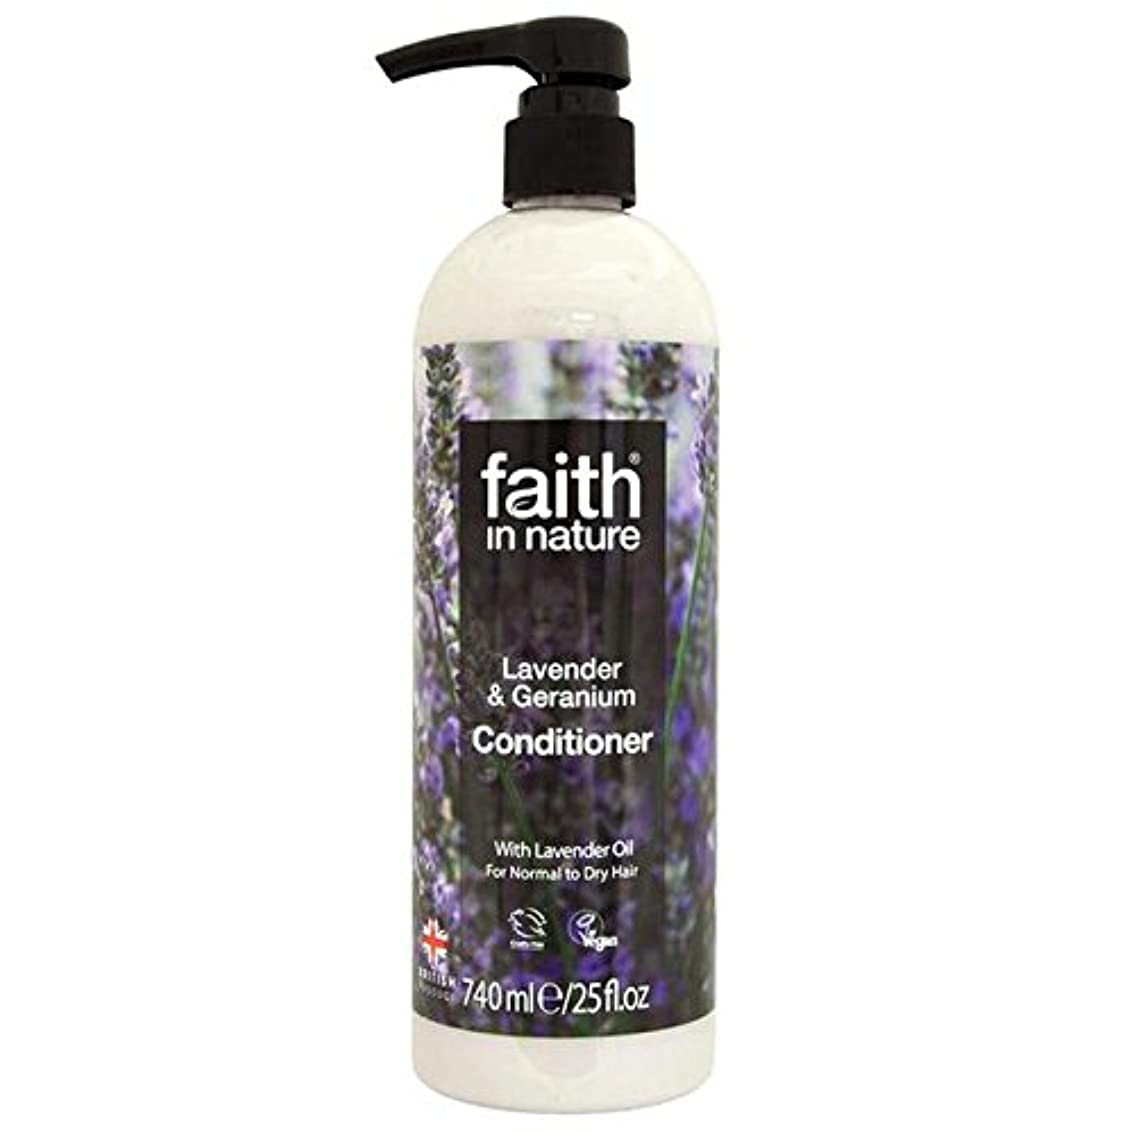 修羅場そこ辞書Faith in Nature Lavender & Geranium Conditioner 740ml - (Faith In Nature) 自然ラベンダー&ゼラニウムコンディショナー740ミリリットルの信仰 [並行輸入品]